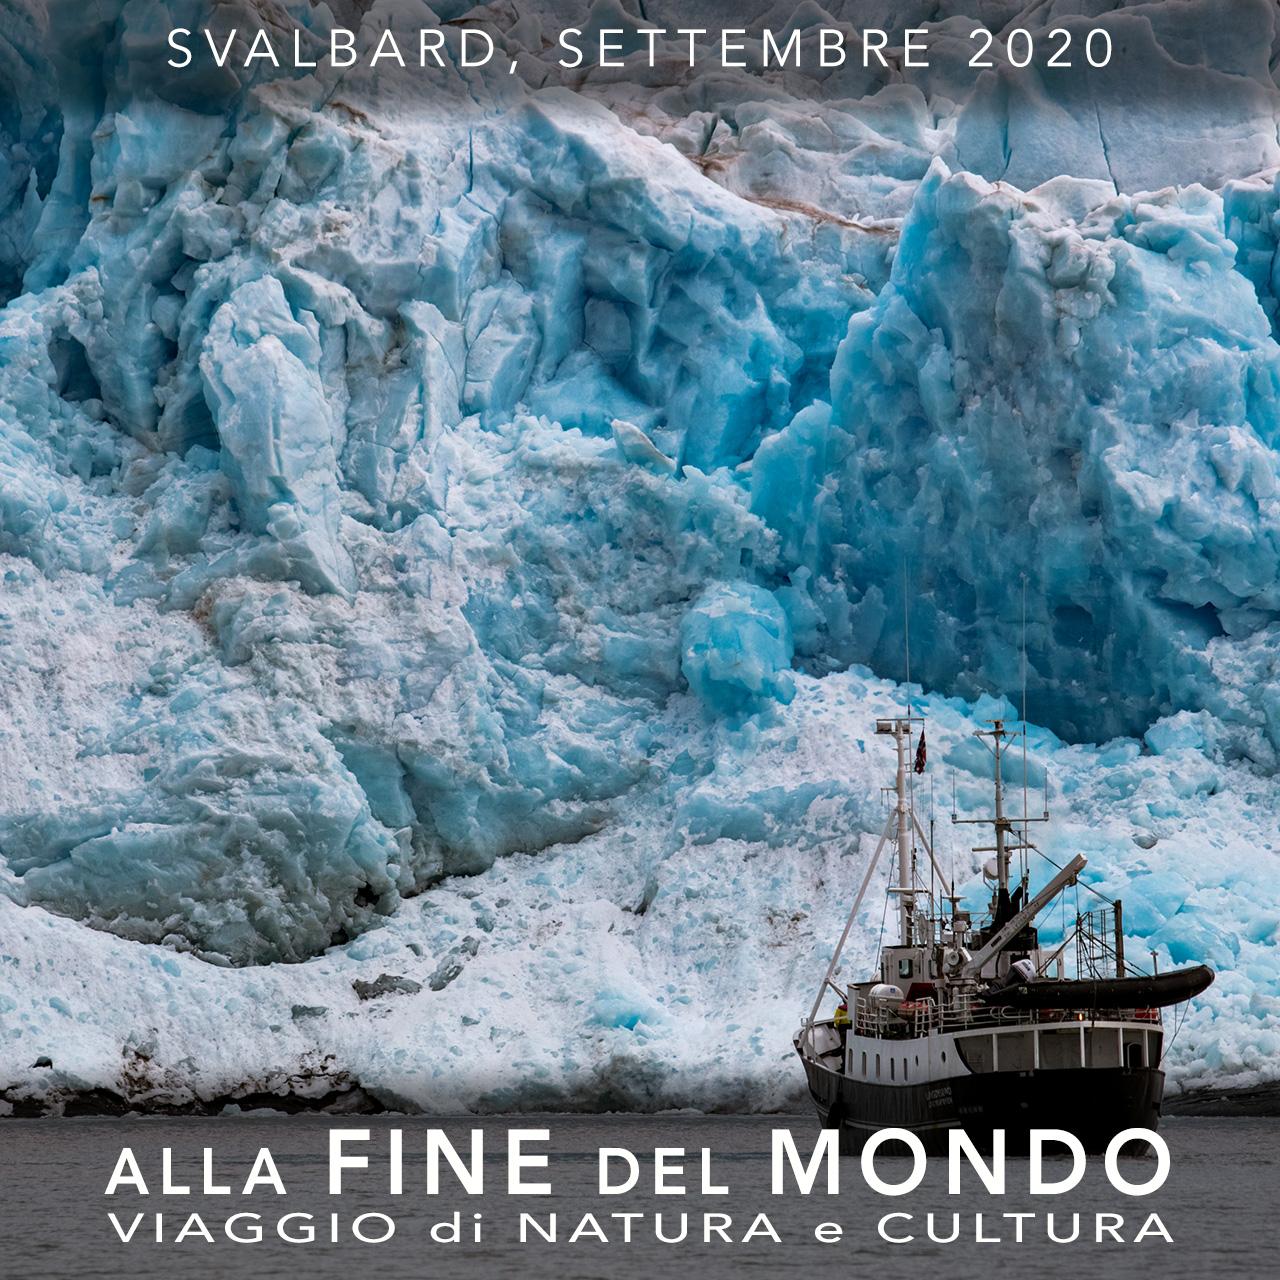 Viaggi di Gruppo  2020_09_01_Svalbard2020_4A [ANTEPRIMA] Settembre 2020, Alla Fine del Mondo